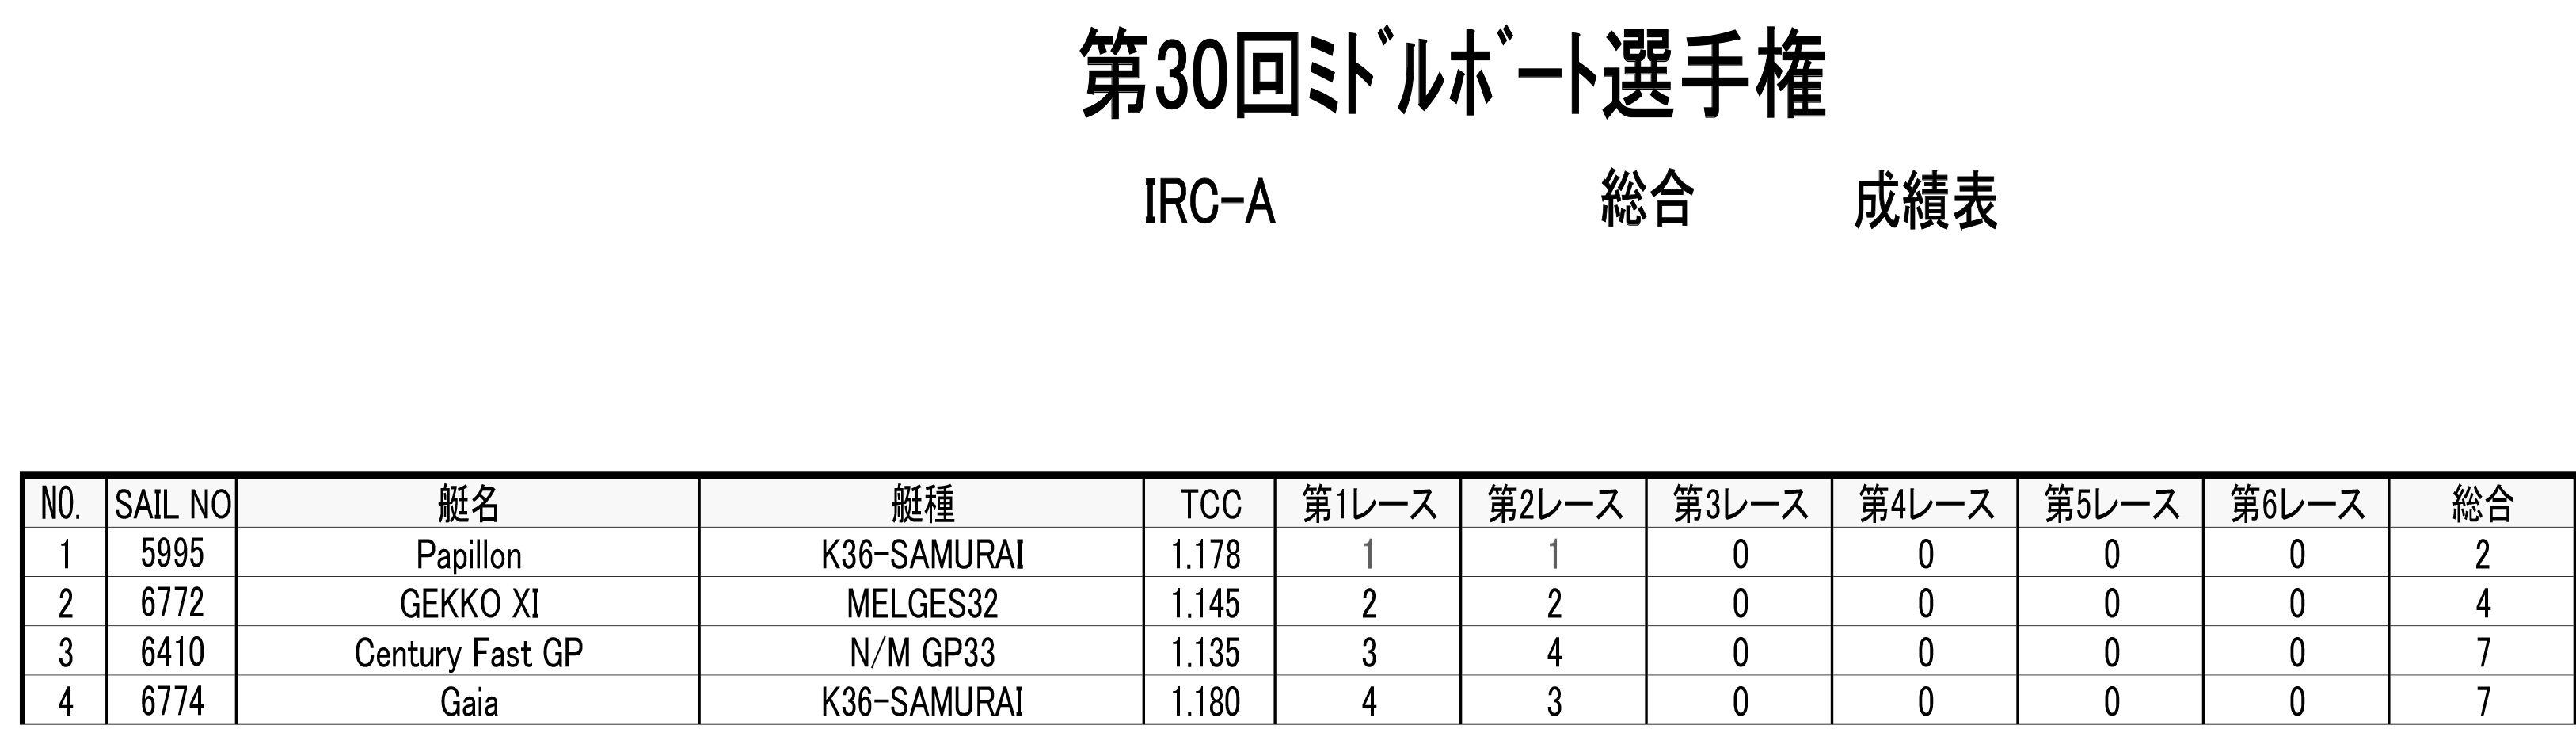 2018-05-06_irca